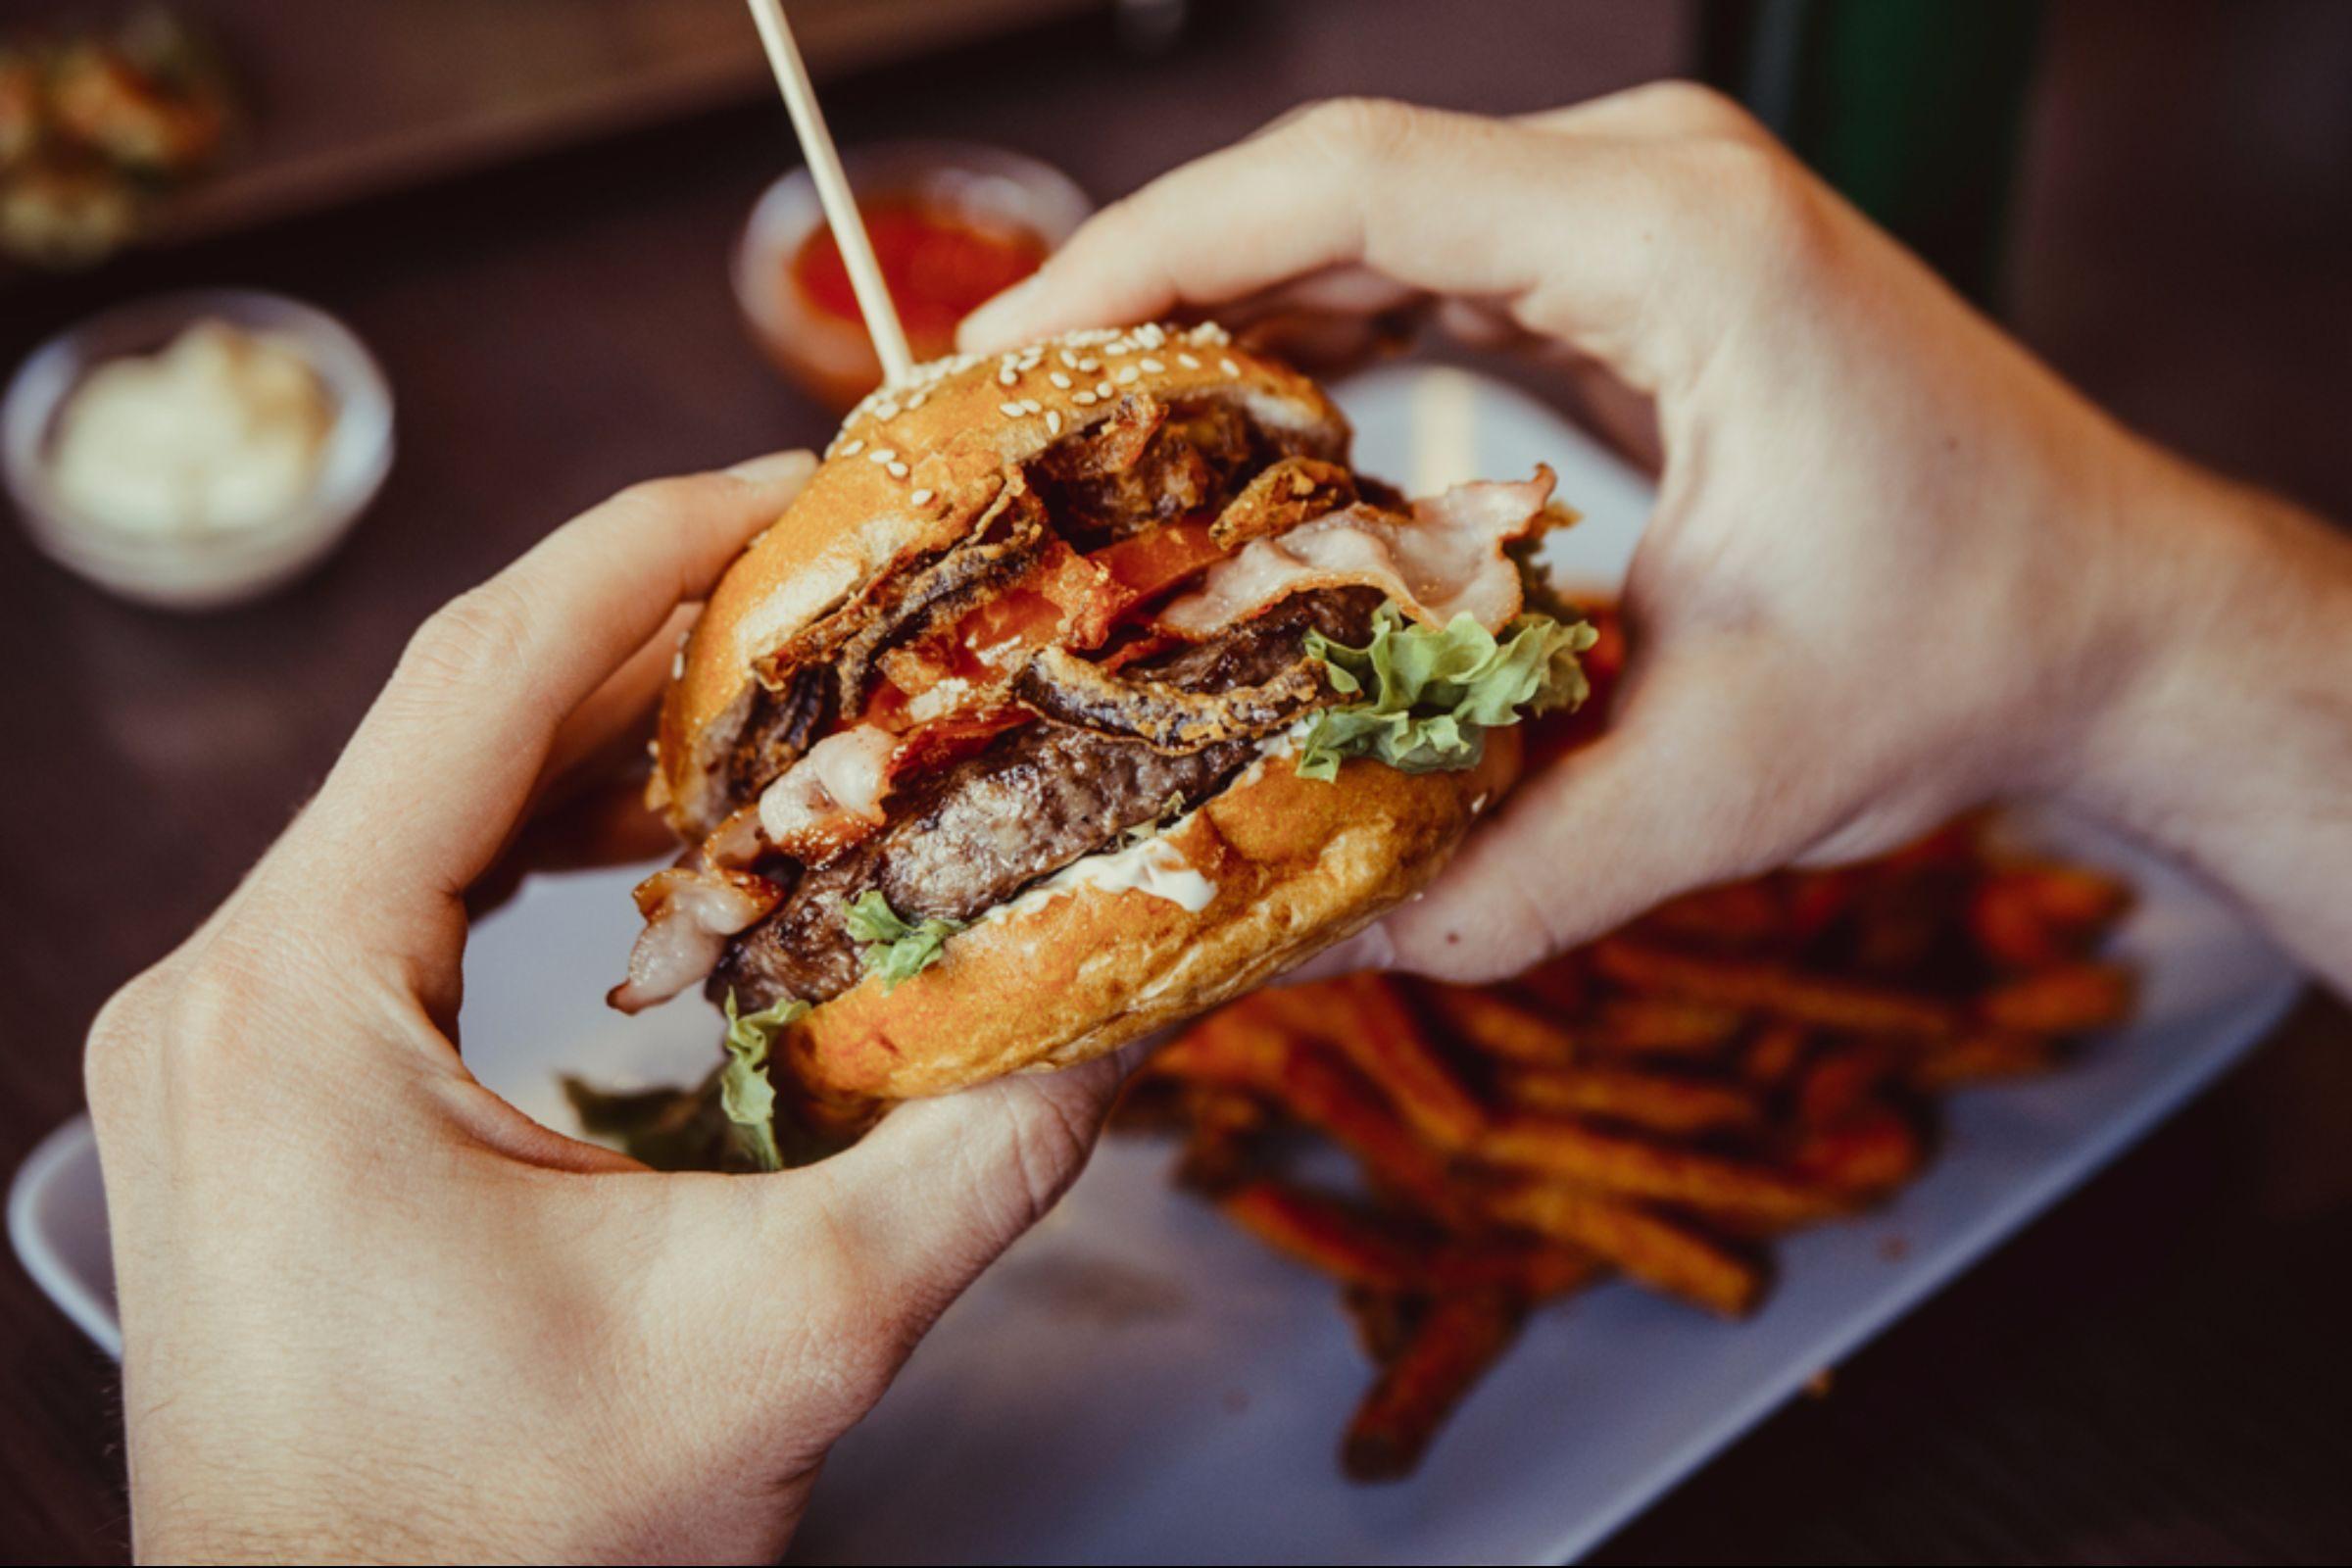 Delicious beef burger